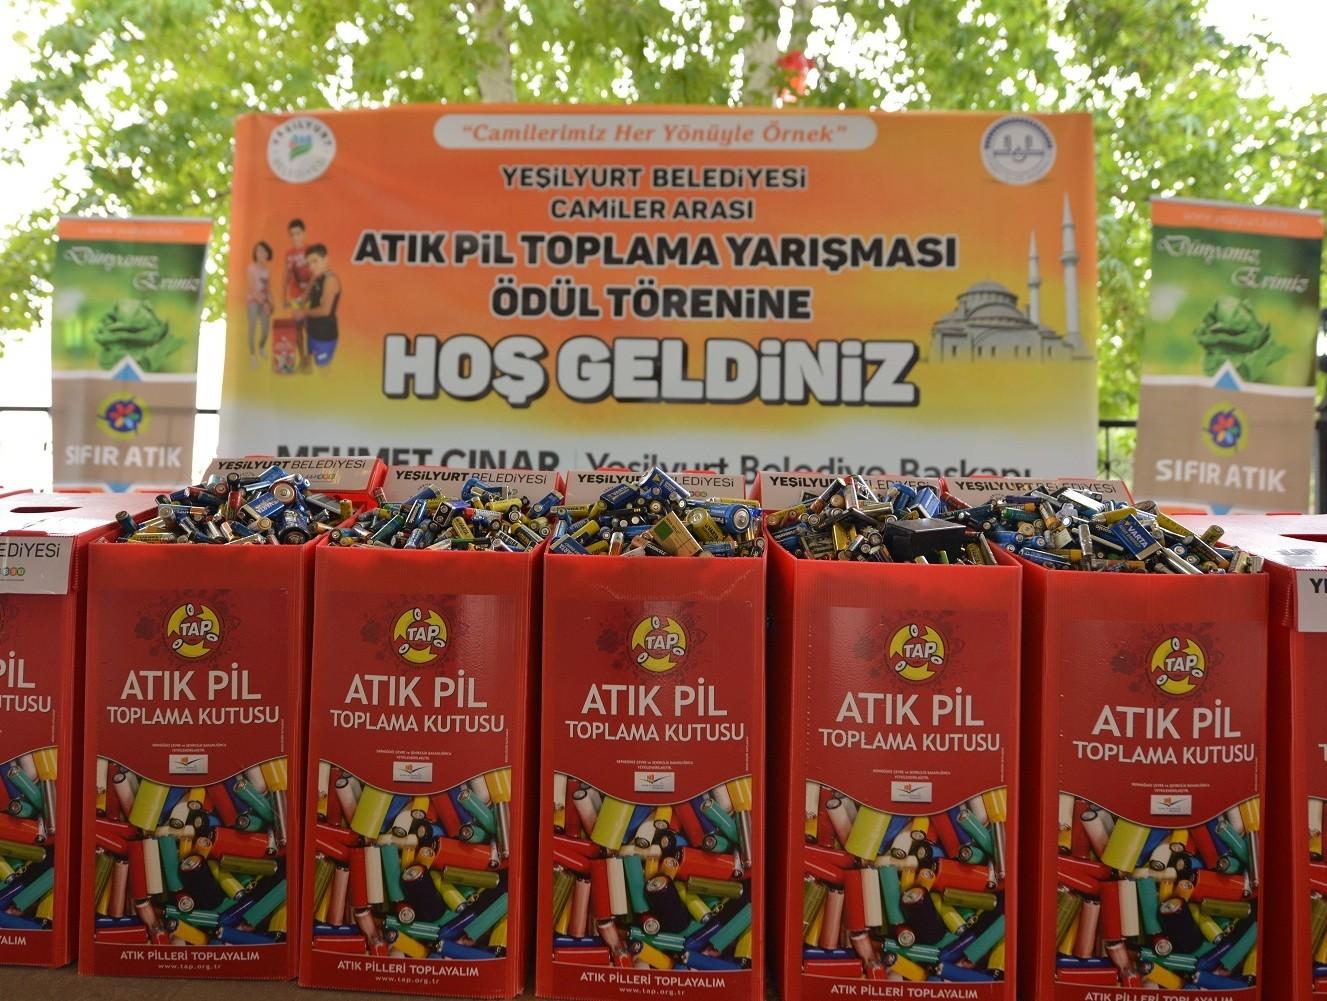 YEŞİLYURT'TAKİ 161 CAMİDE 665 KİLO ATIK PİL TOPLANDI